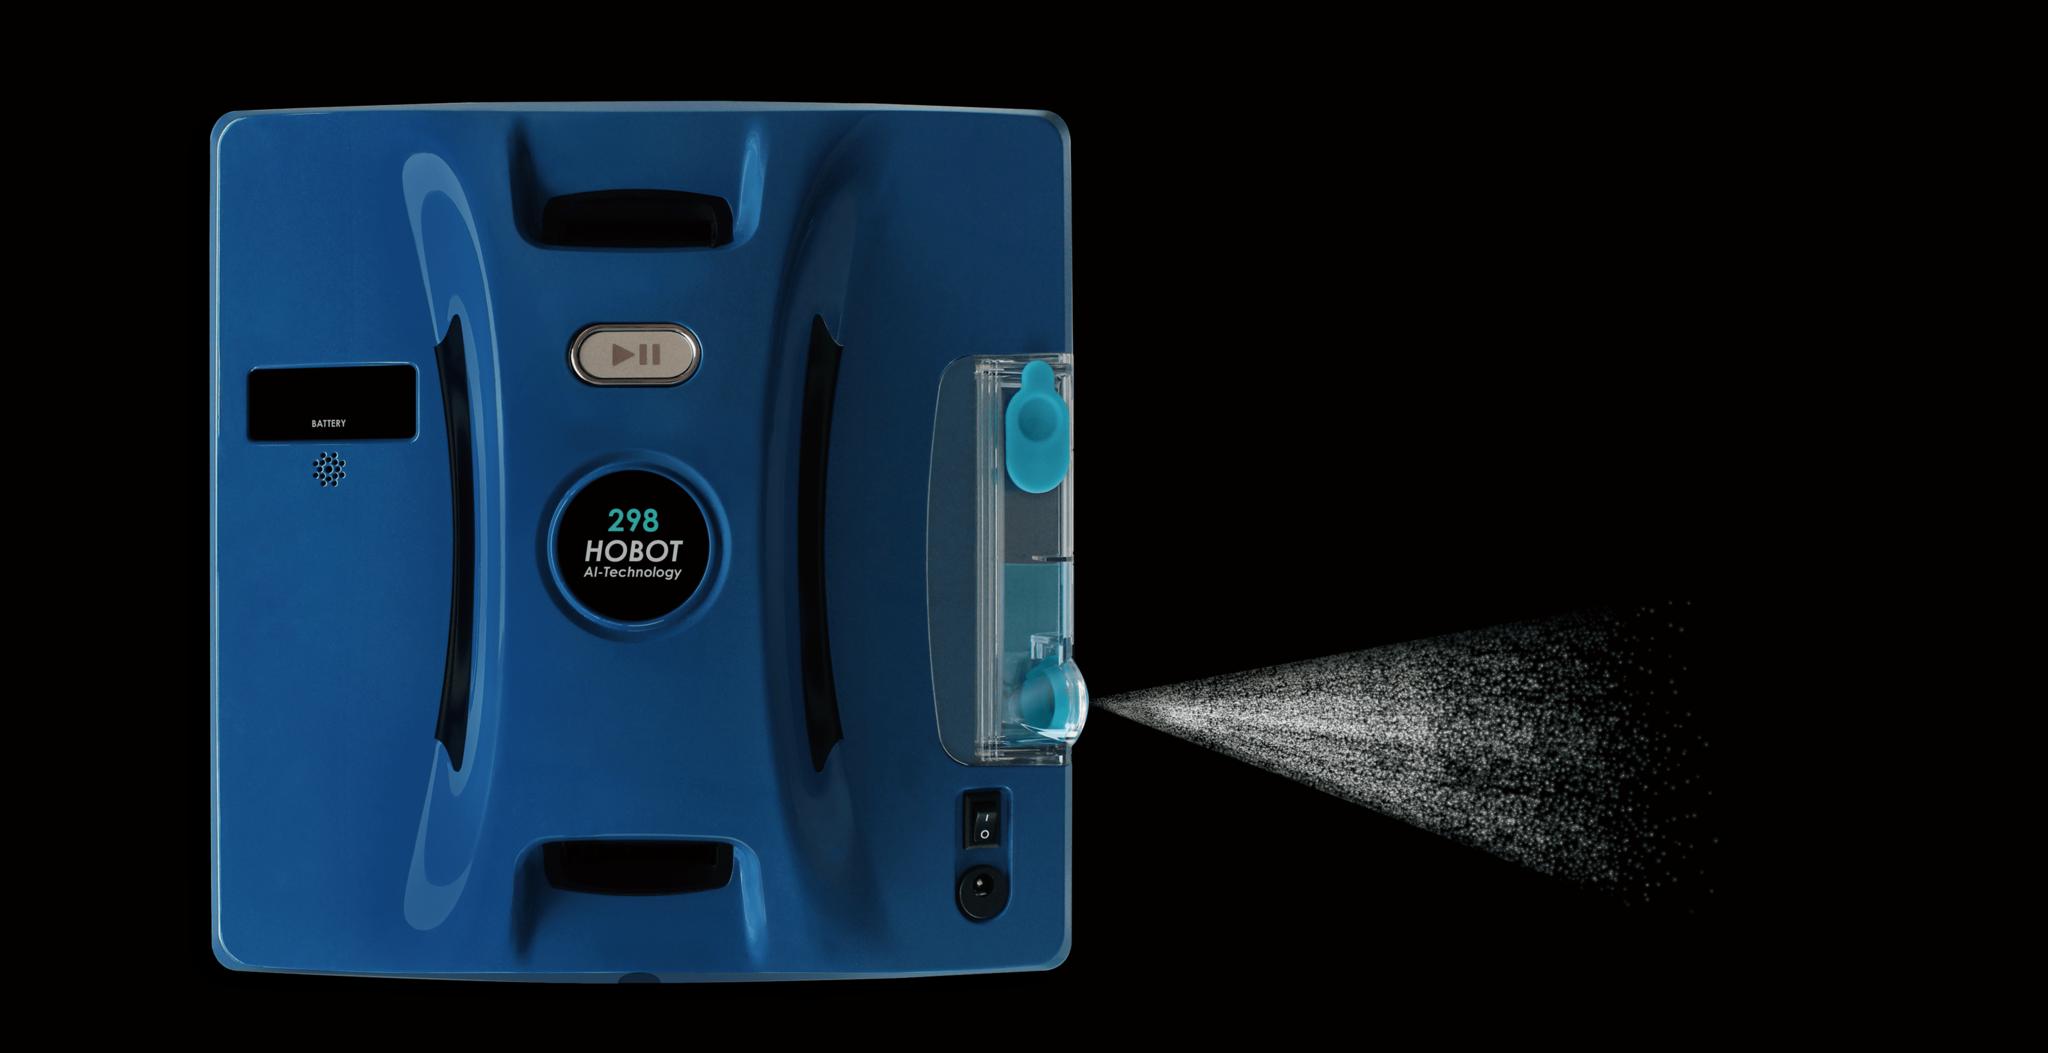 робот-стеклоочиститель HOBOT 298 Ultrasonic